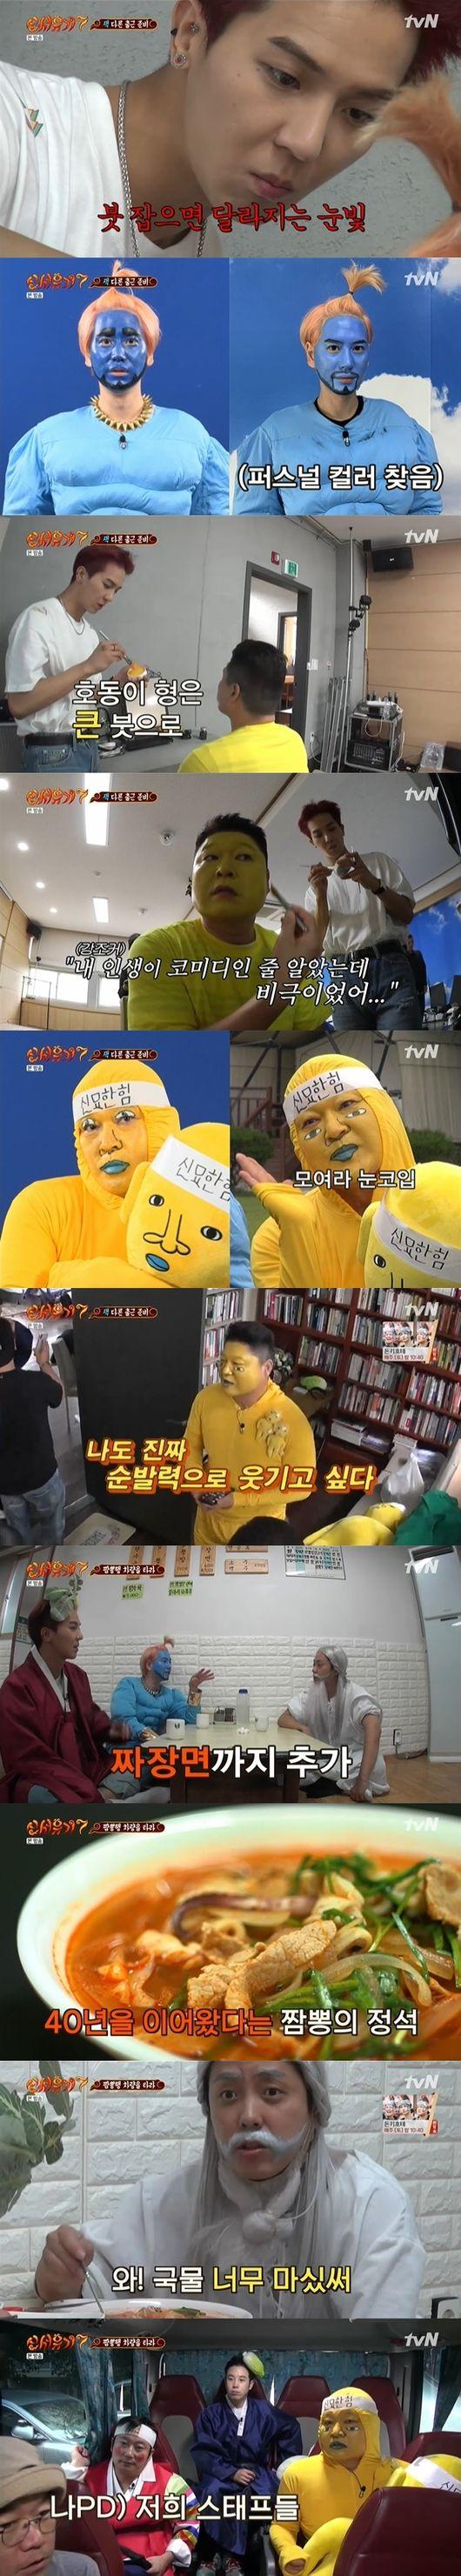 '신서유기7' 강호동, 박진영 비닐바지x규현=배용준 가발..충격의 레트로 특집 [종합]